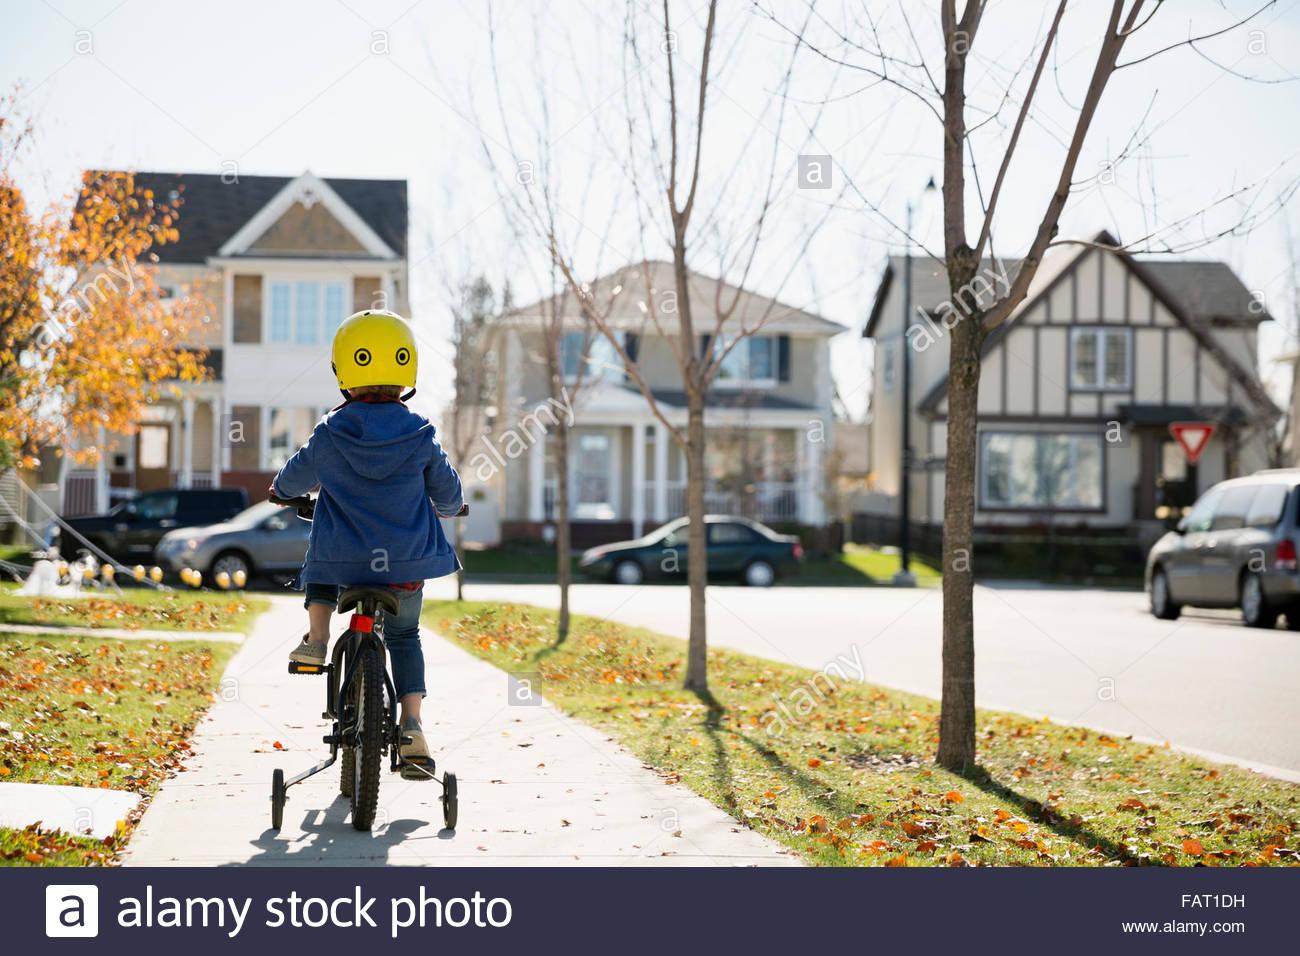 Vista posteriore del ragazzo in Bicicletta Equitazione autunno quartiere marciapiede Immagini Stock